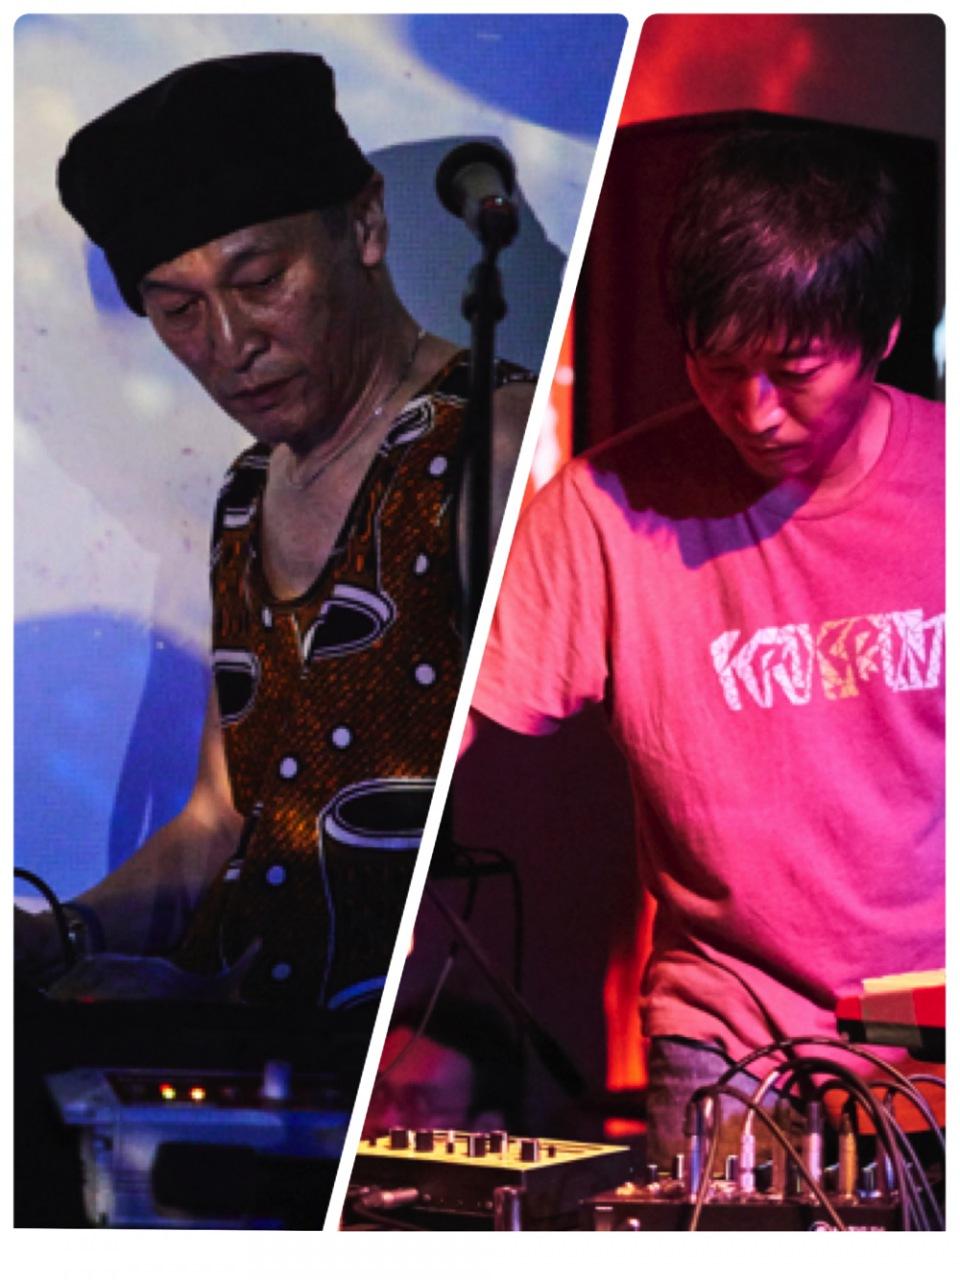 佐藤薫(EP-4)がエレクトリック / ノイズ系作品中心の尖鋭的レーベル〈φonon〉始動! 第1弾リリースも決定